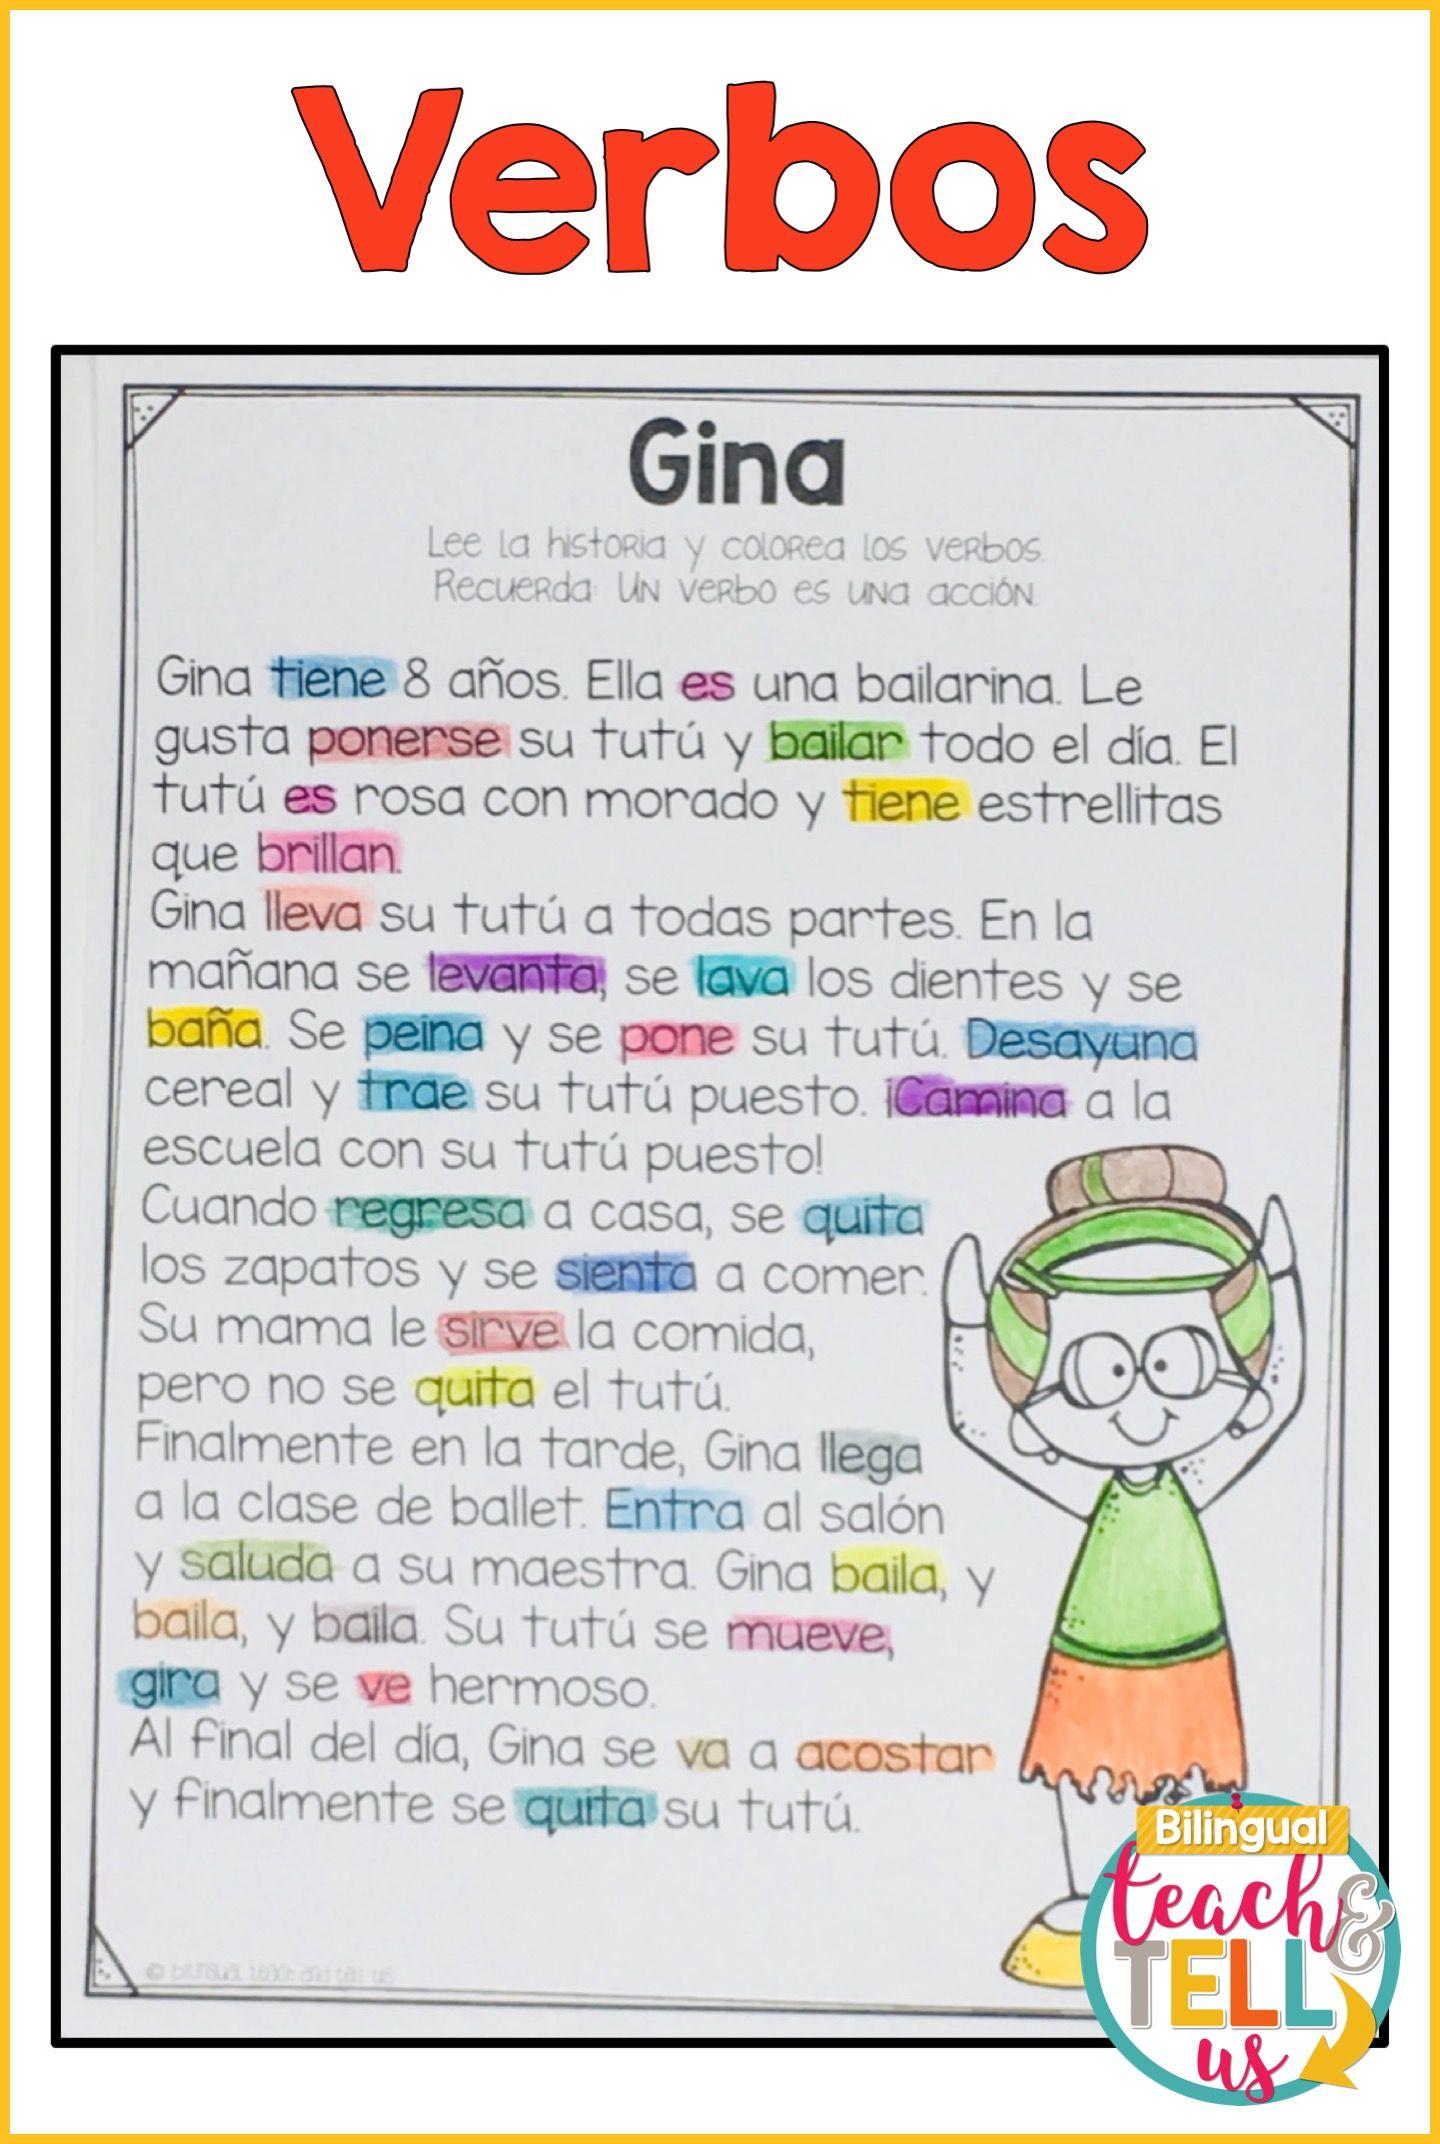 Verbos Verbs Spanish